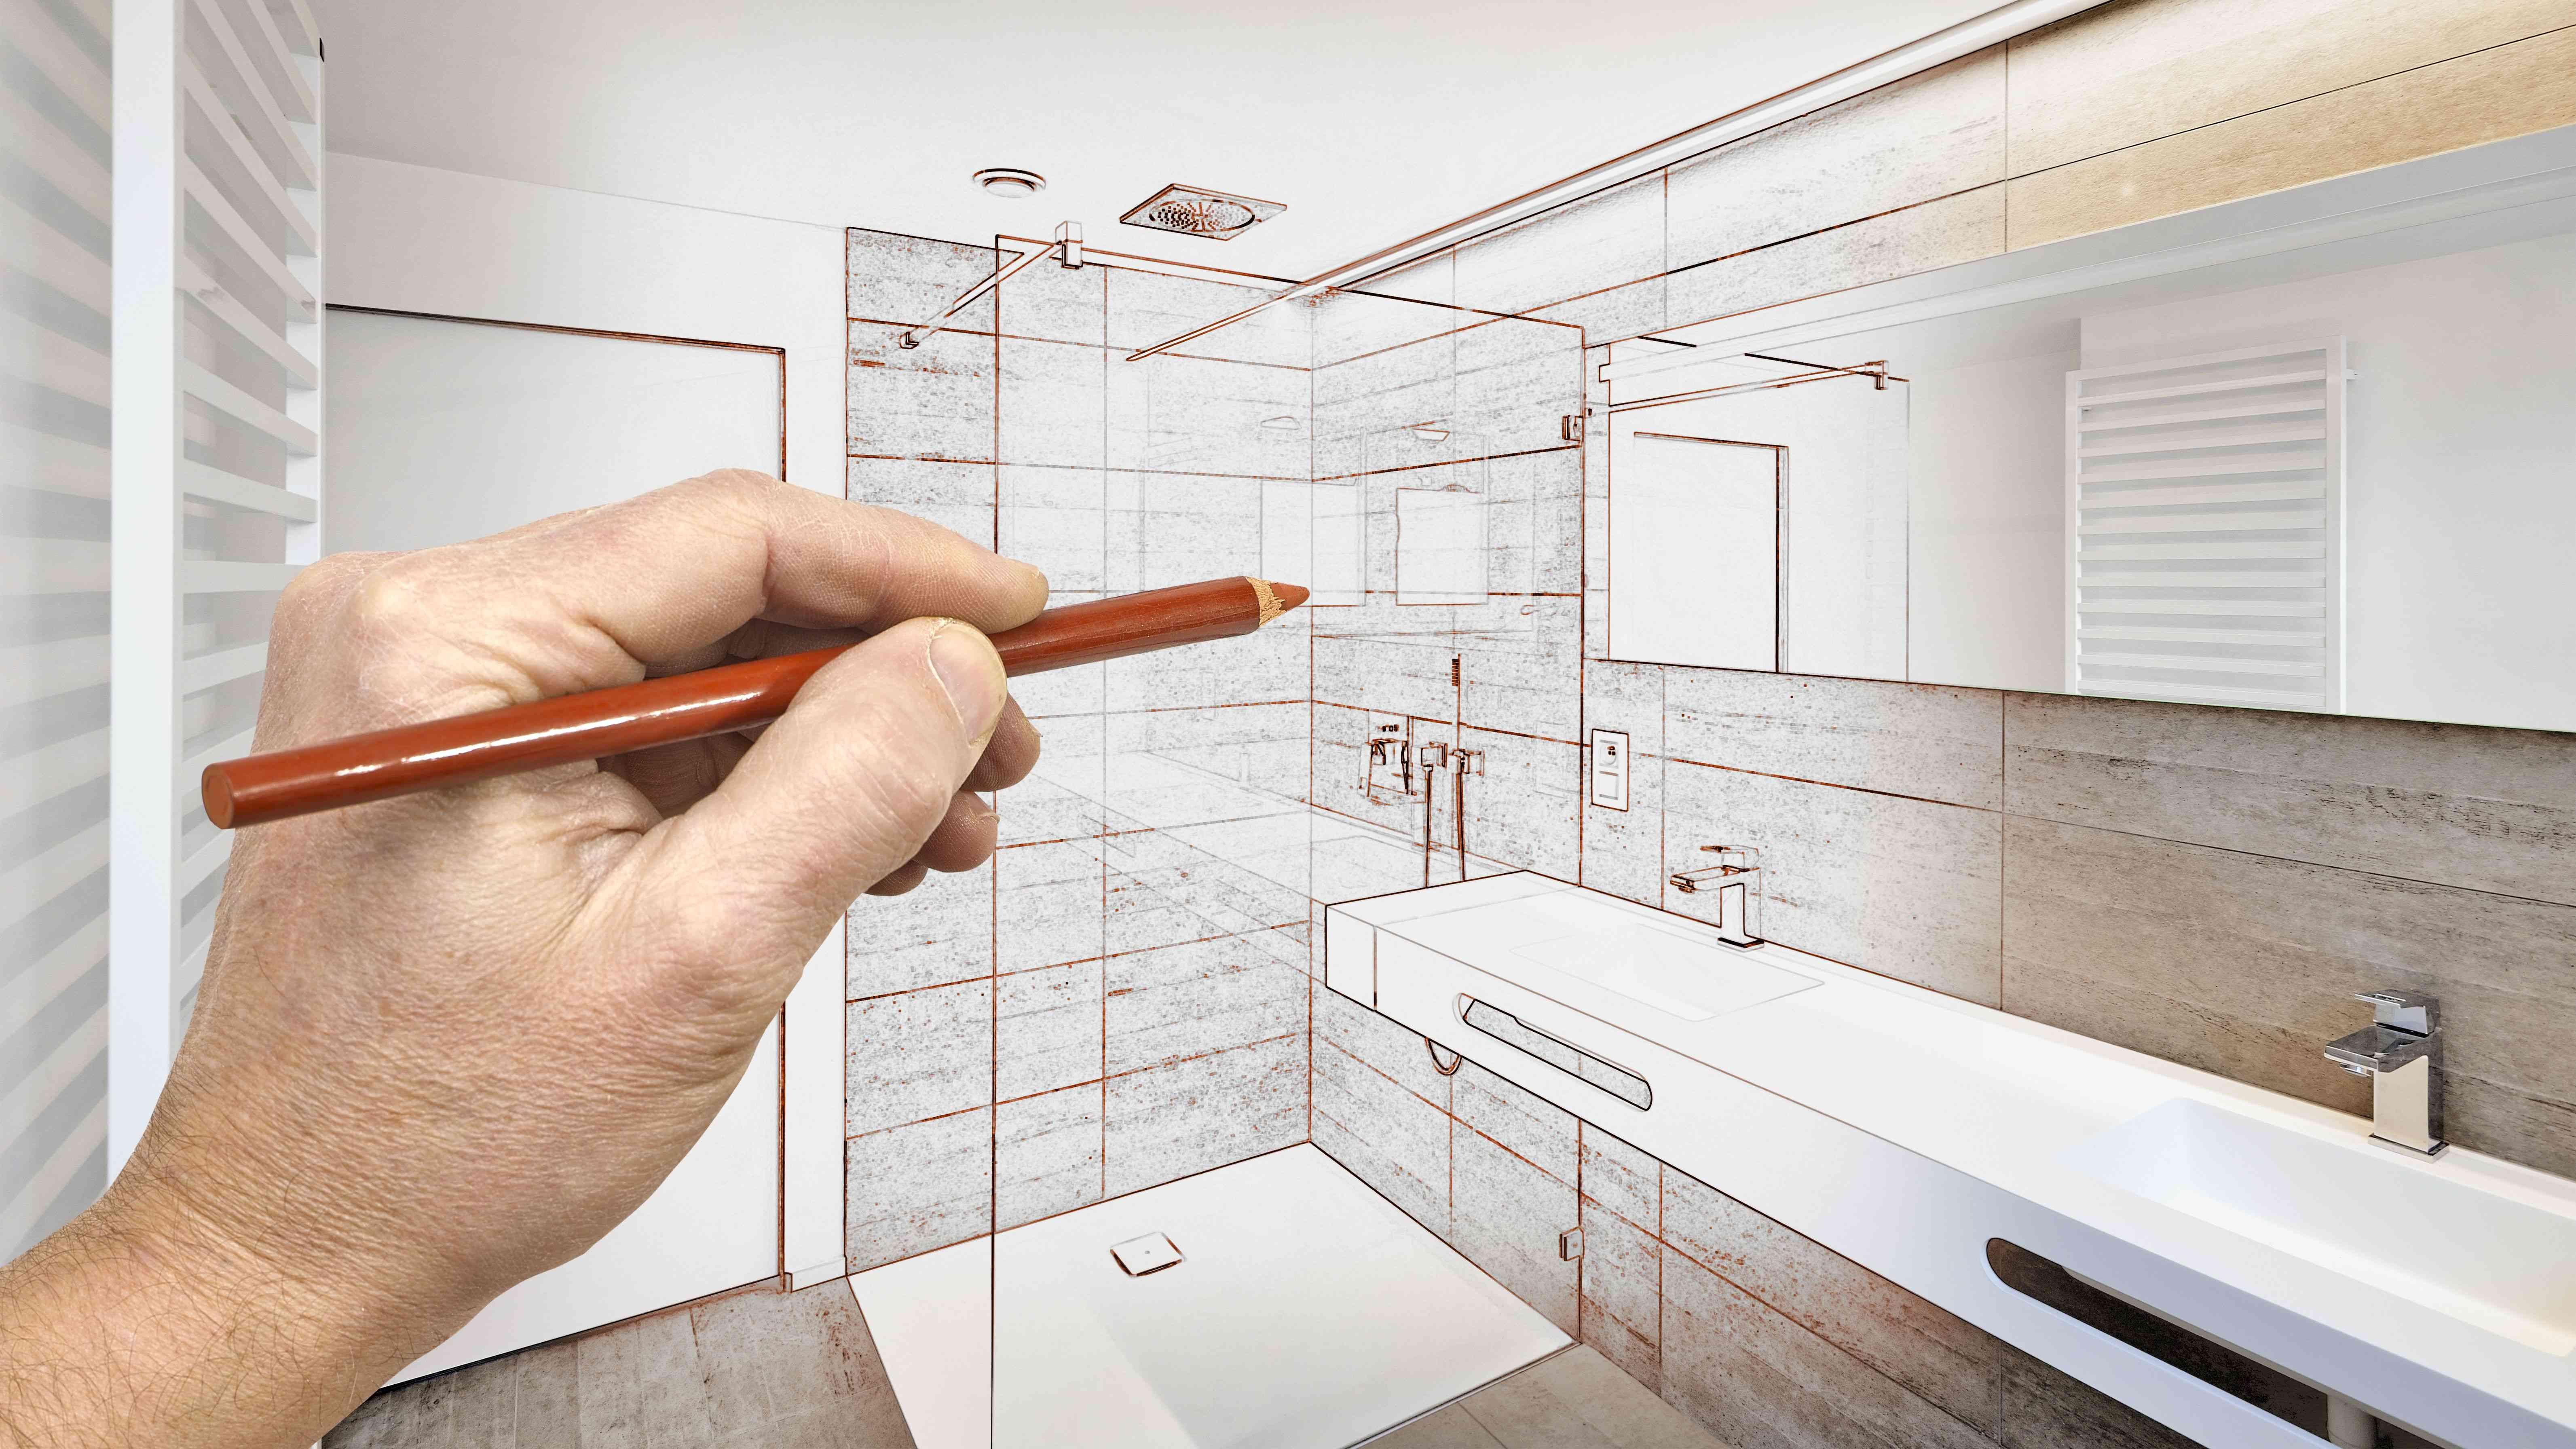 Vasca contro doccia: cosa scegliere per il bagno